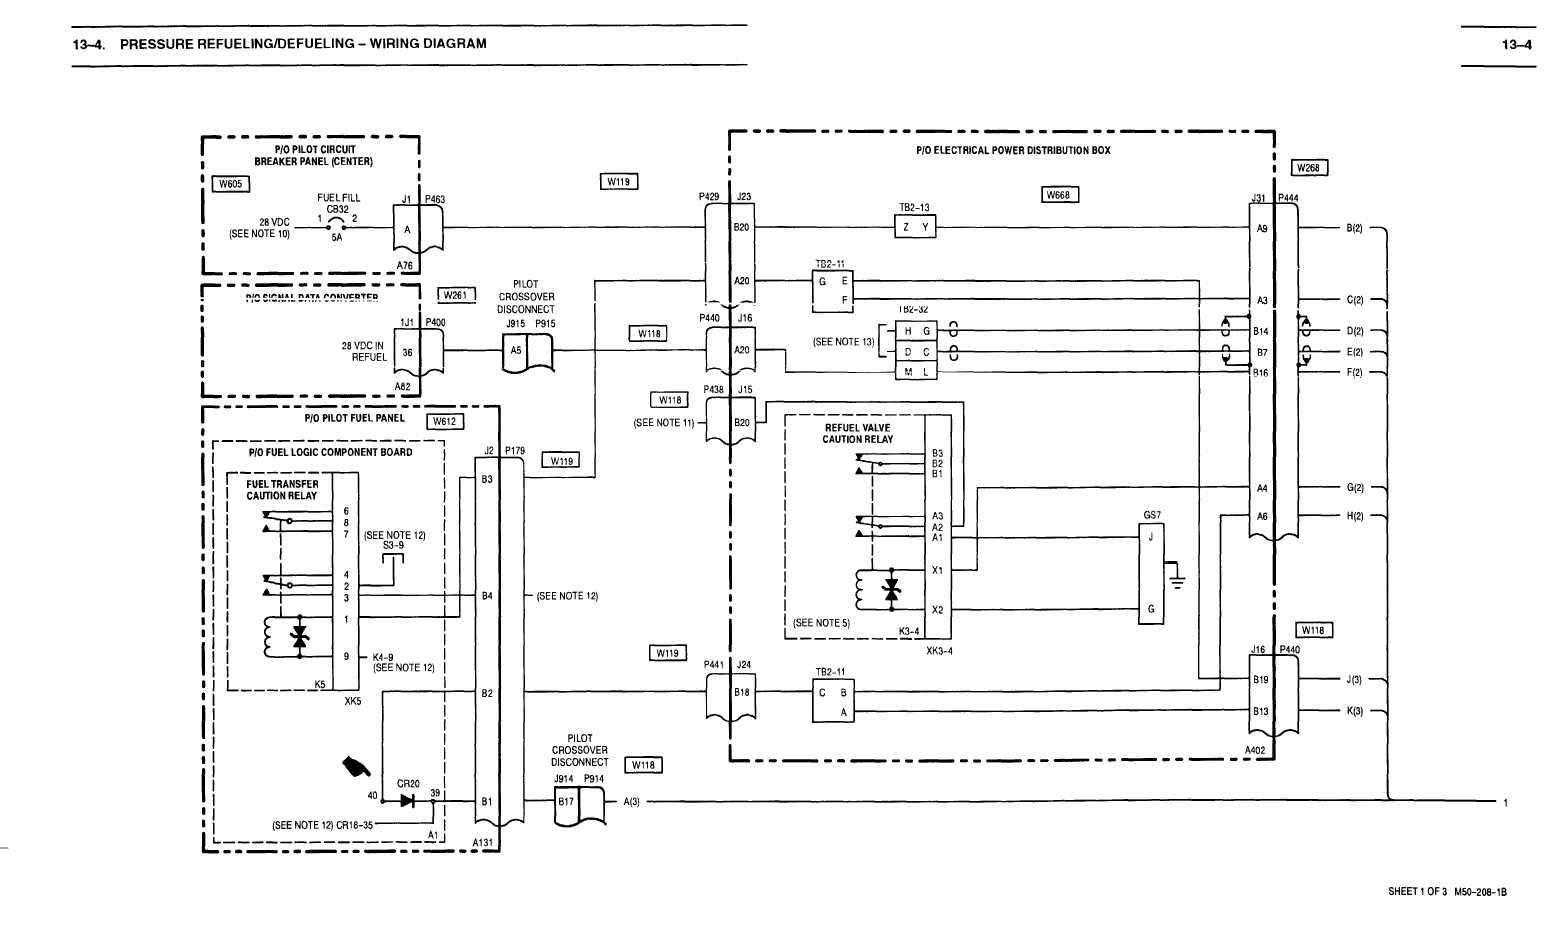 13 4 Pressure Refueling Defueling Wiring Diagram